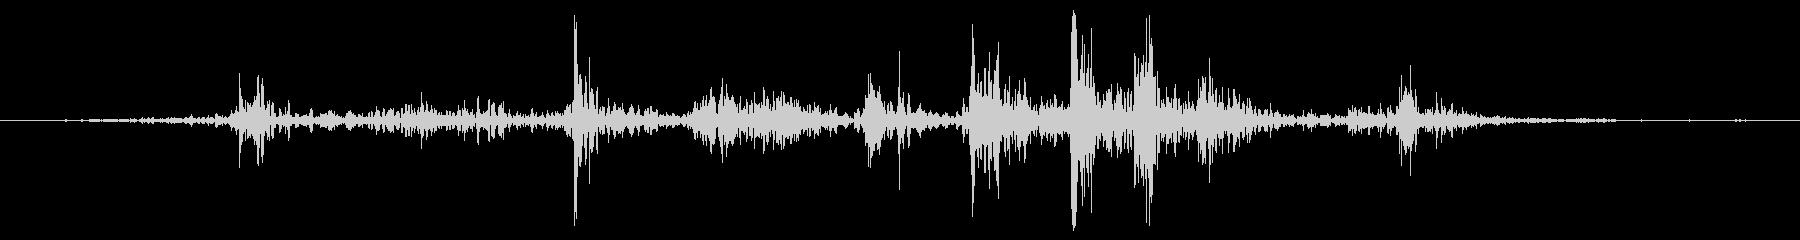 大型ハンドヘルドペーパーファン:フ...の未再生の波形